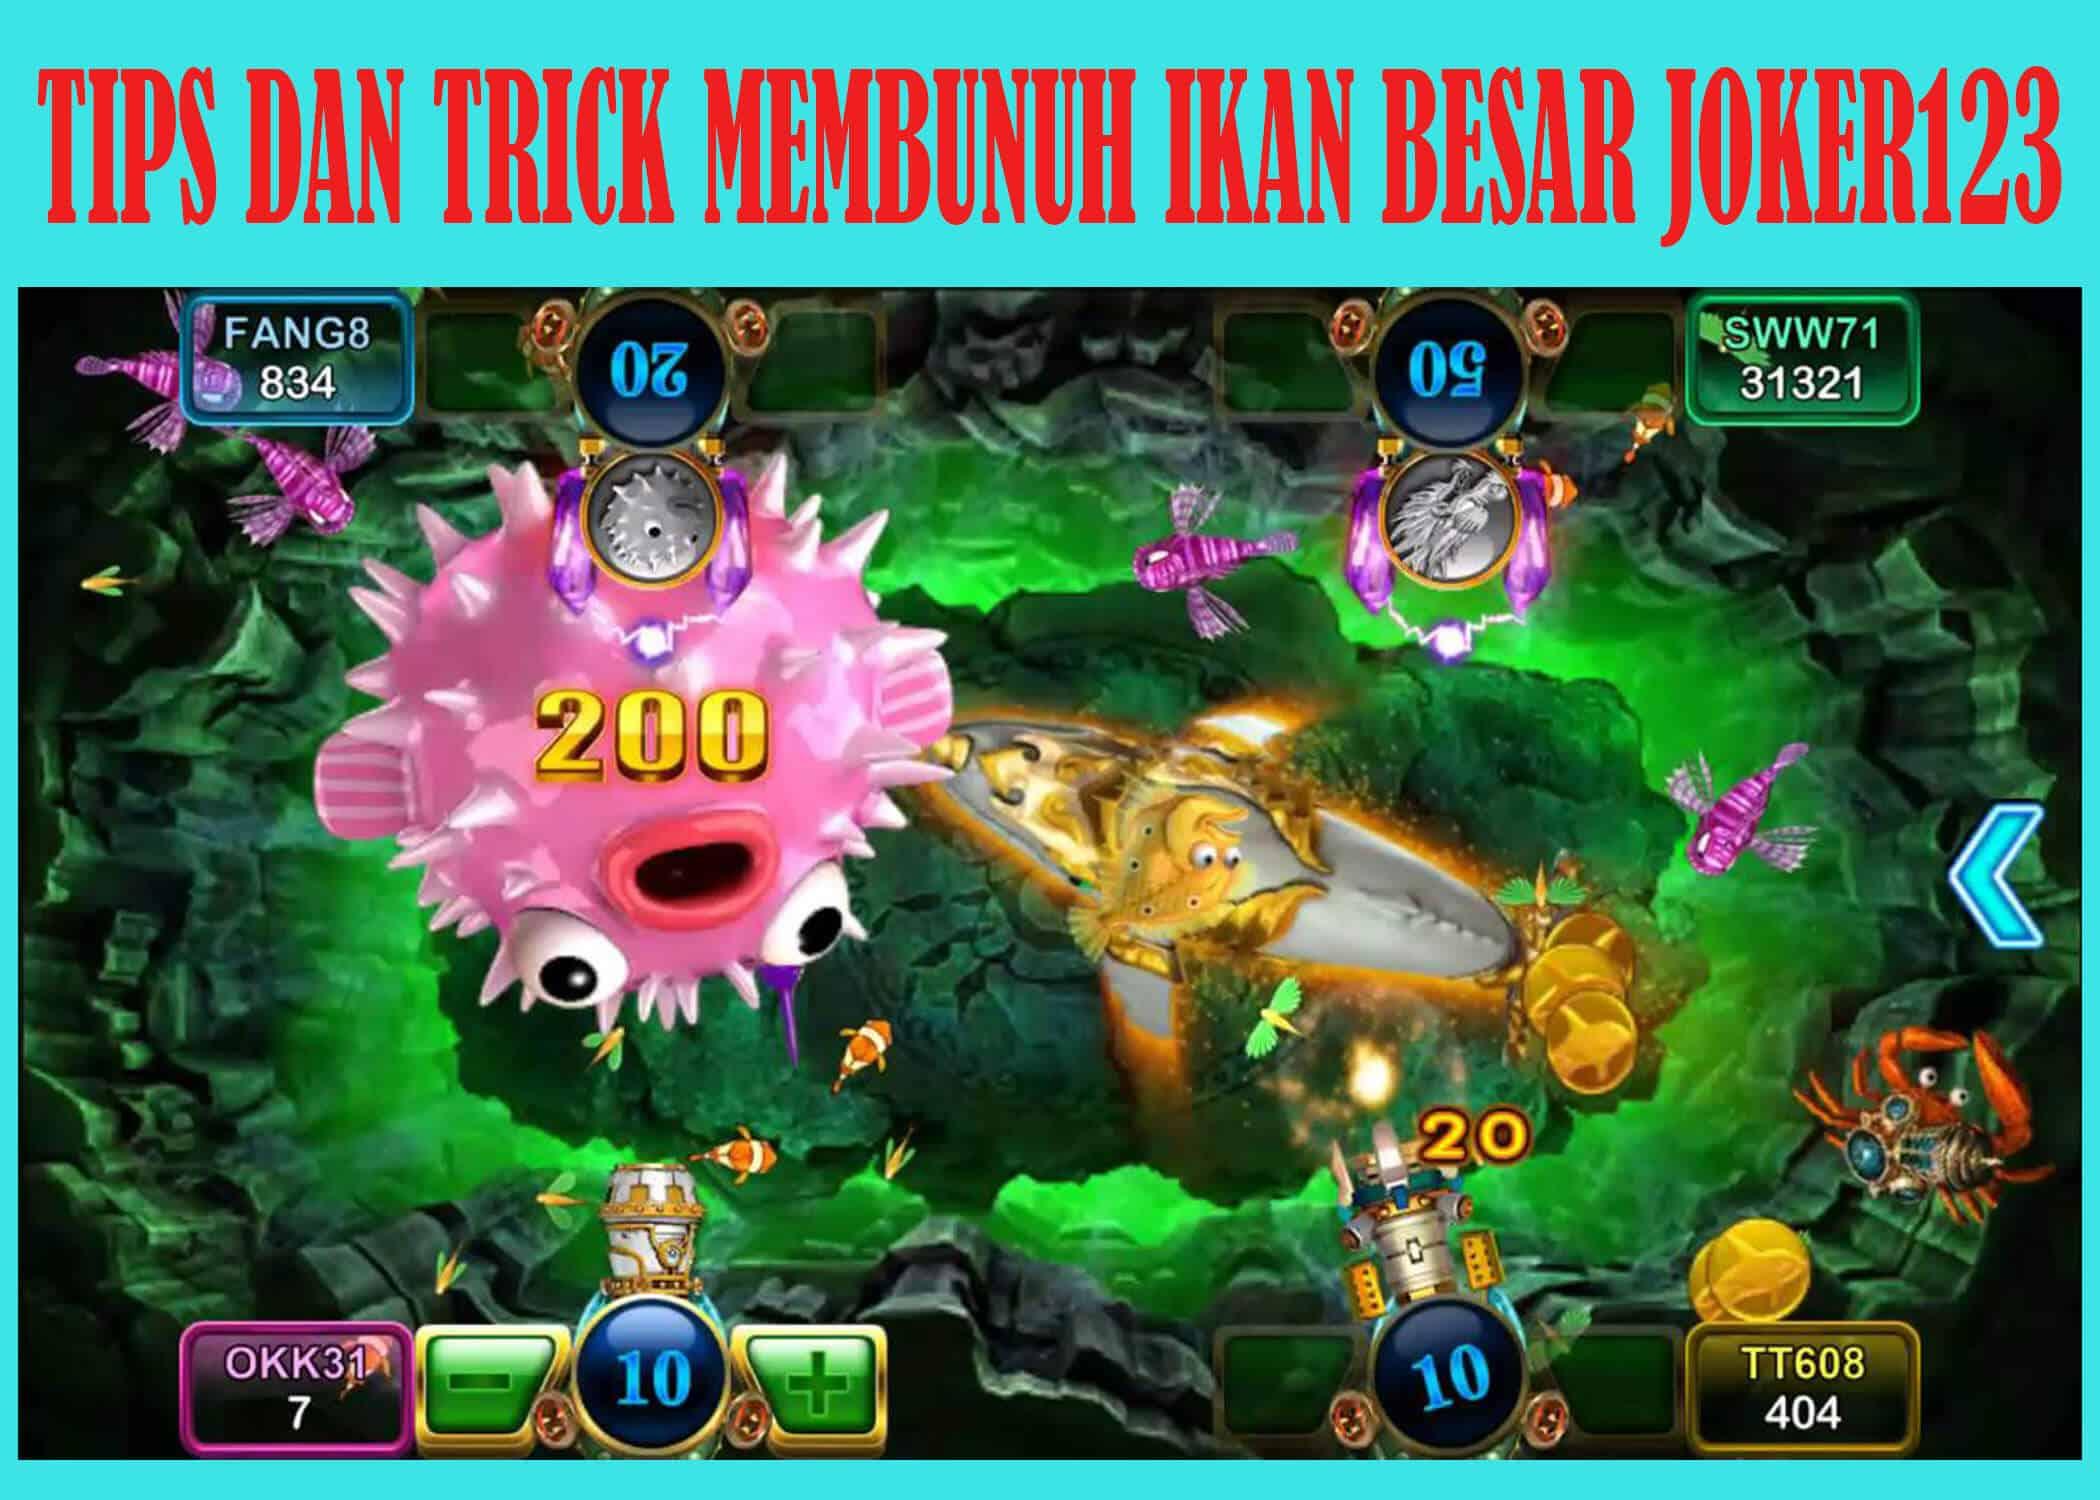 TIPS DAN TRICK MEMBUNUH IKAN BESAR JOKER123